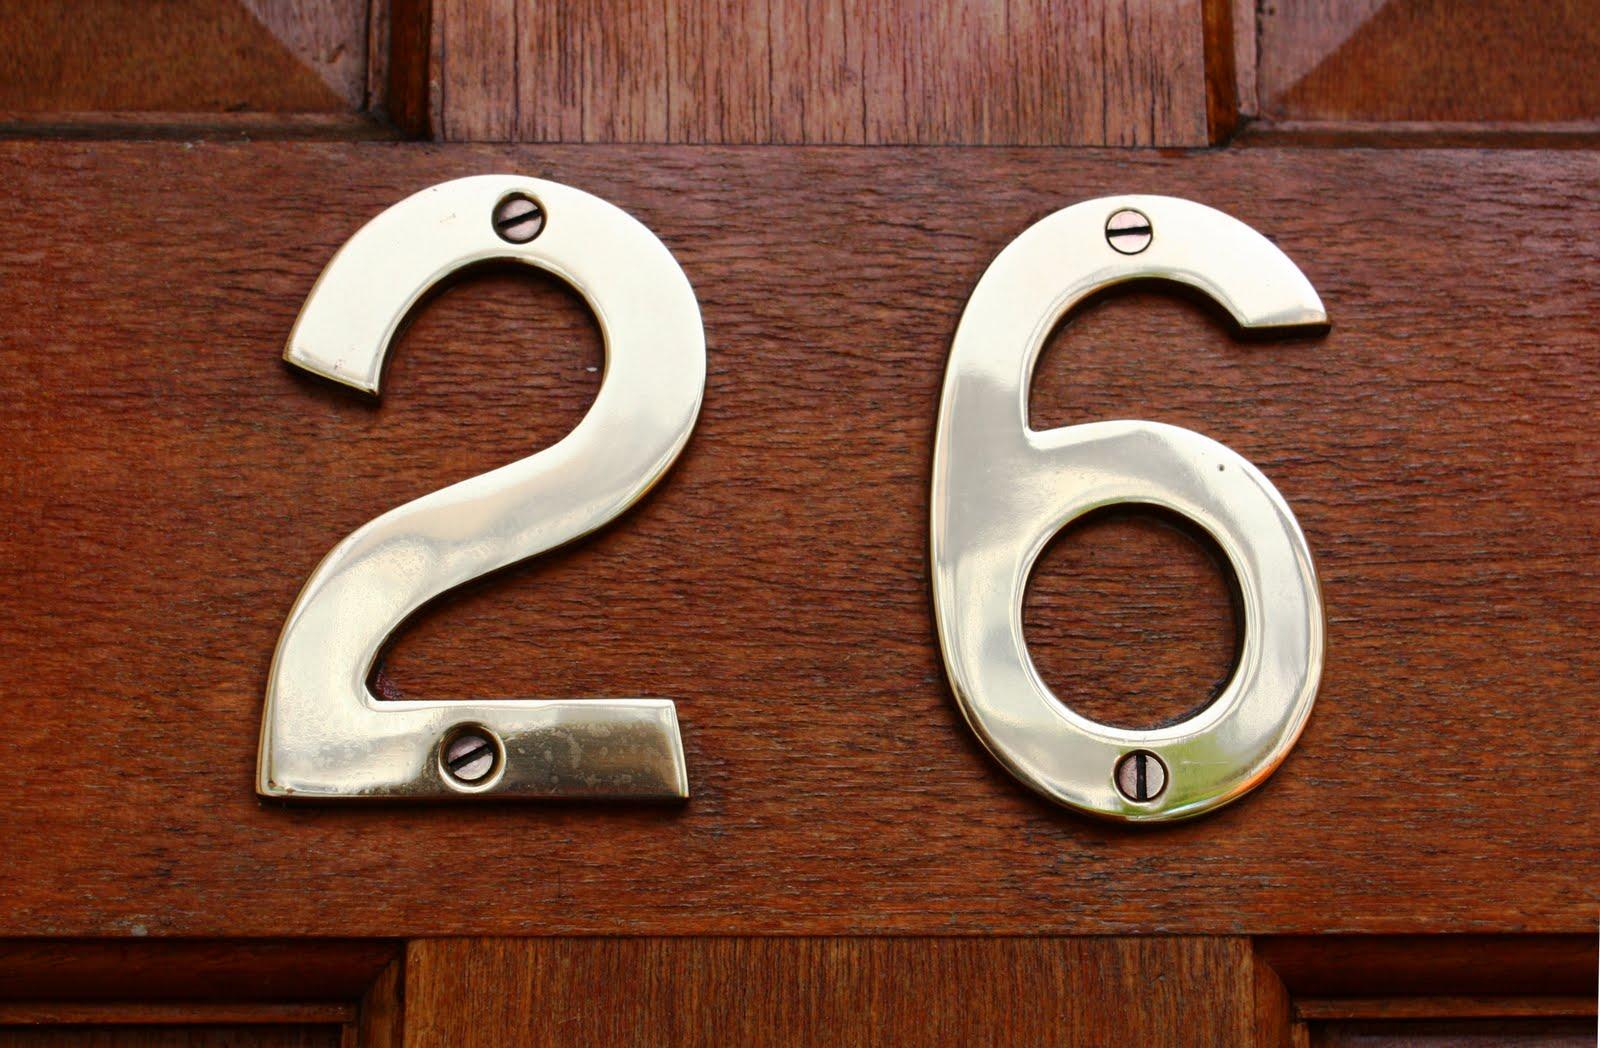 Номер квартиры своими руками фото 693